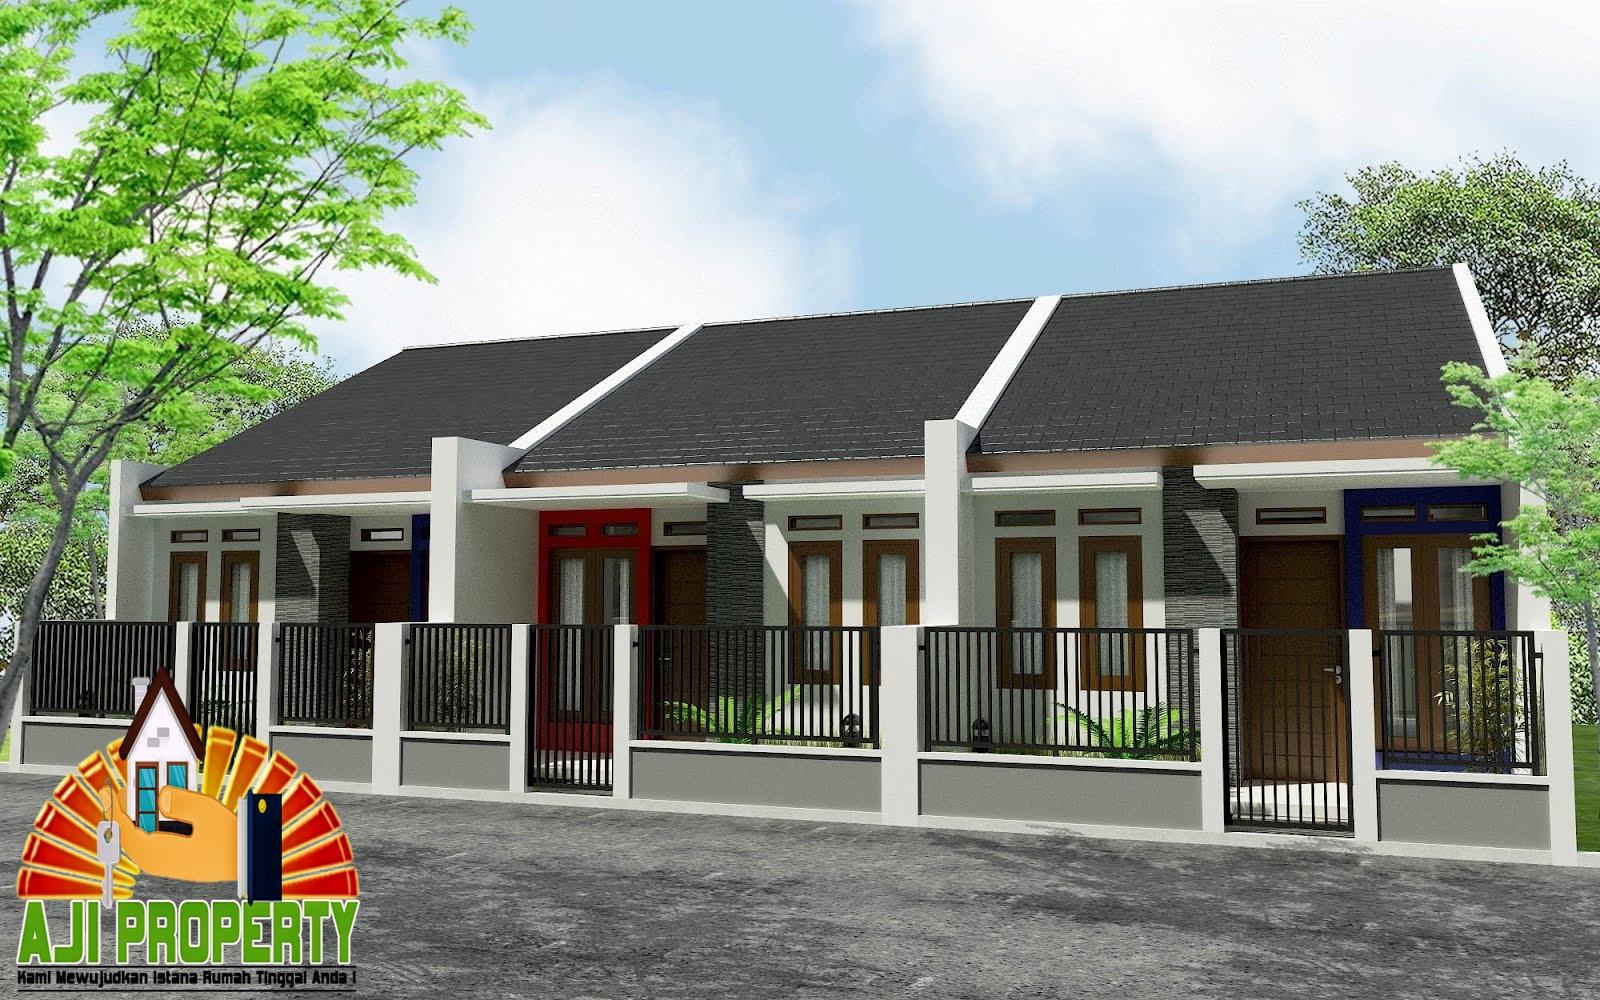 440 Koleksi Ide Desain Rumah Sederhana Di Gang Gratis Terbaru Unduh Gratis